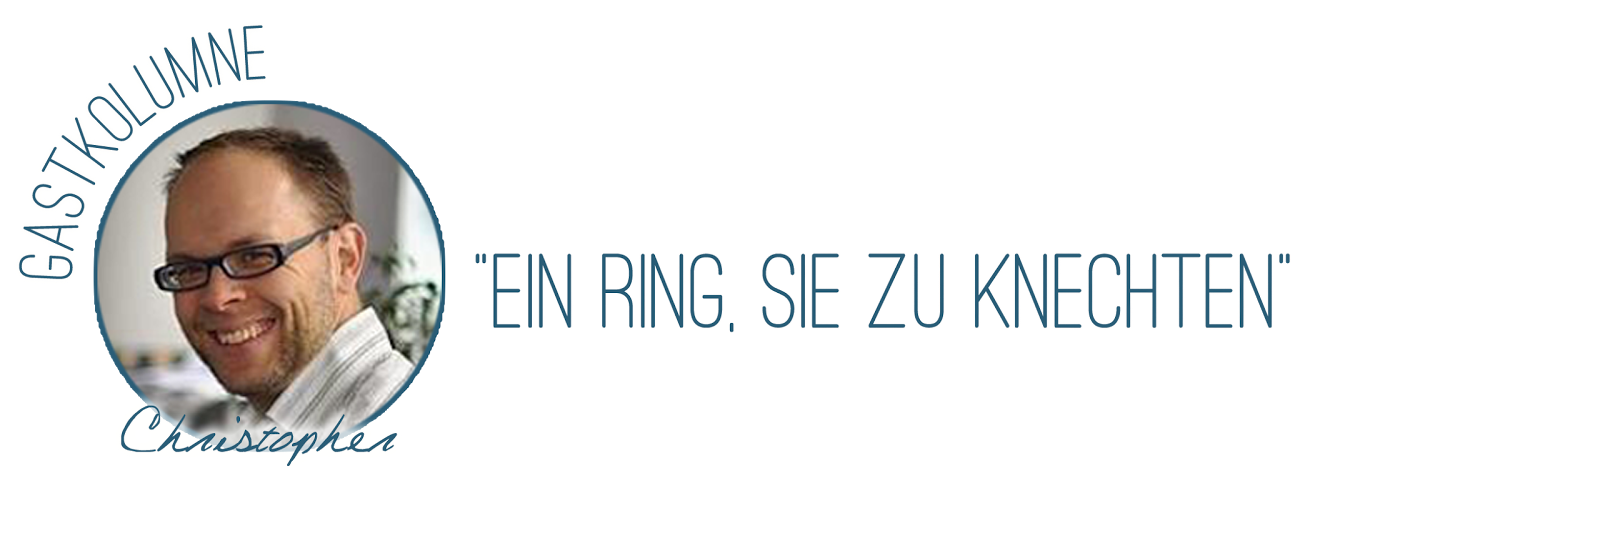 http://bridezillasbloggen.blogspot.de/2015/04/gast-kolumne-ein-ring-sie-zu-knechten.html#more